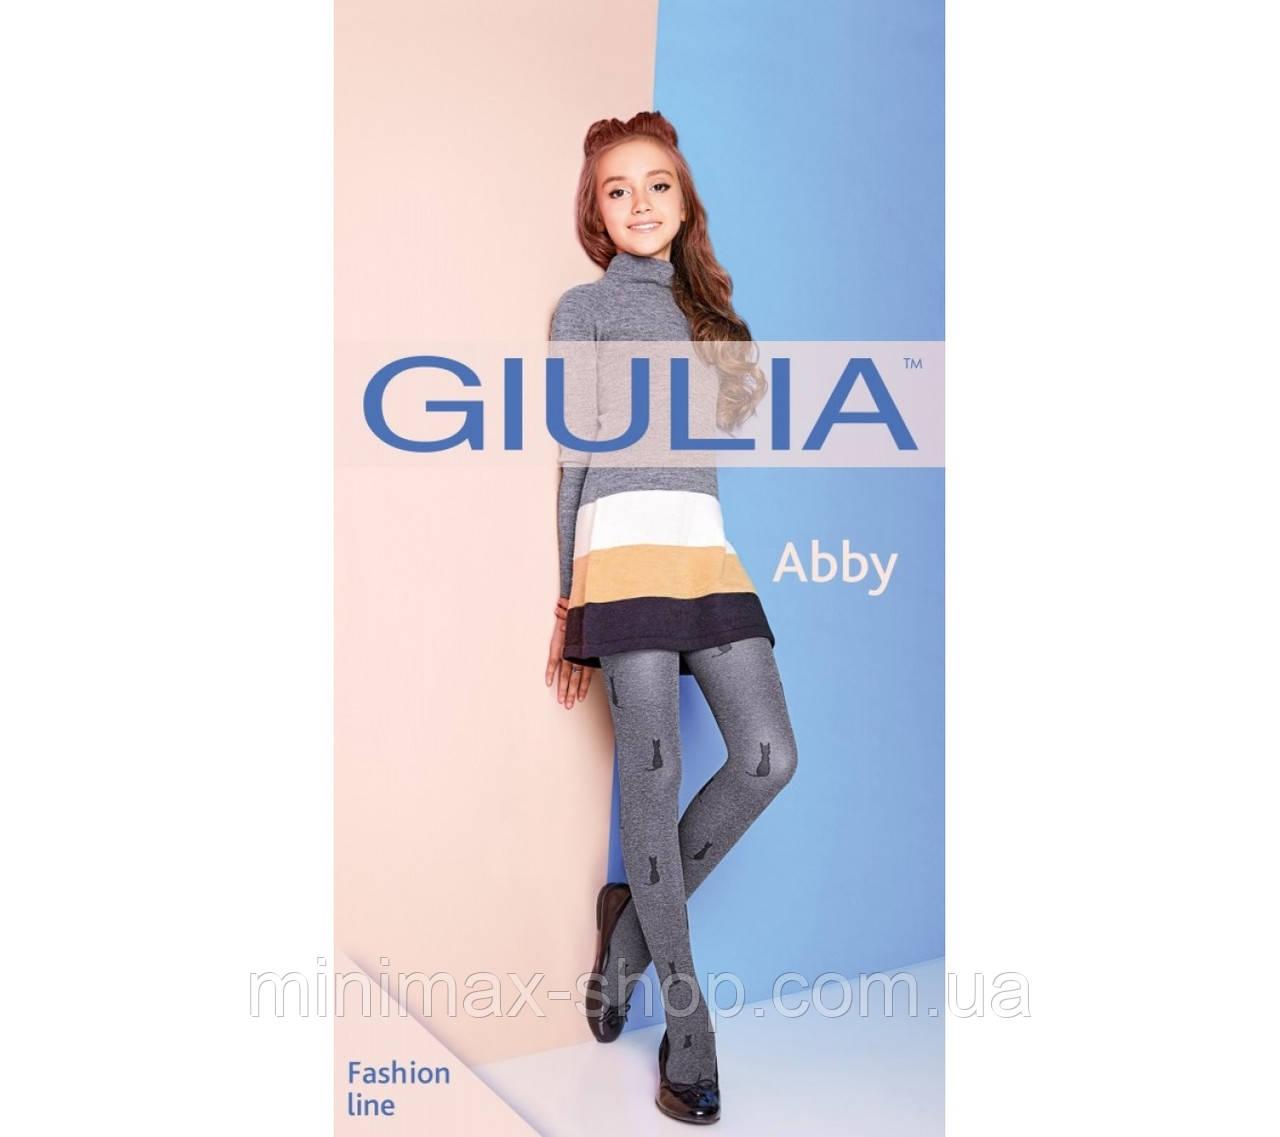 Колготки детские Джулия Abby 60, модель 2